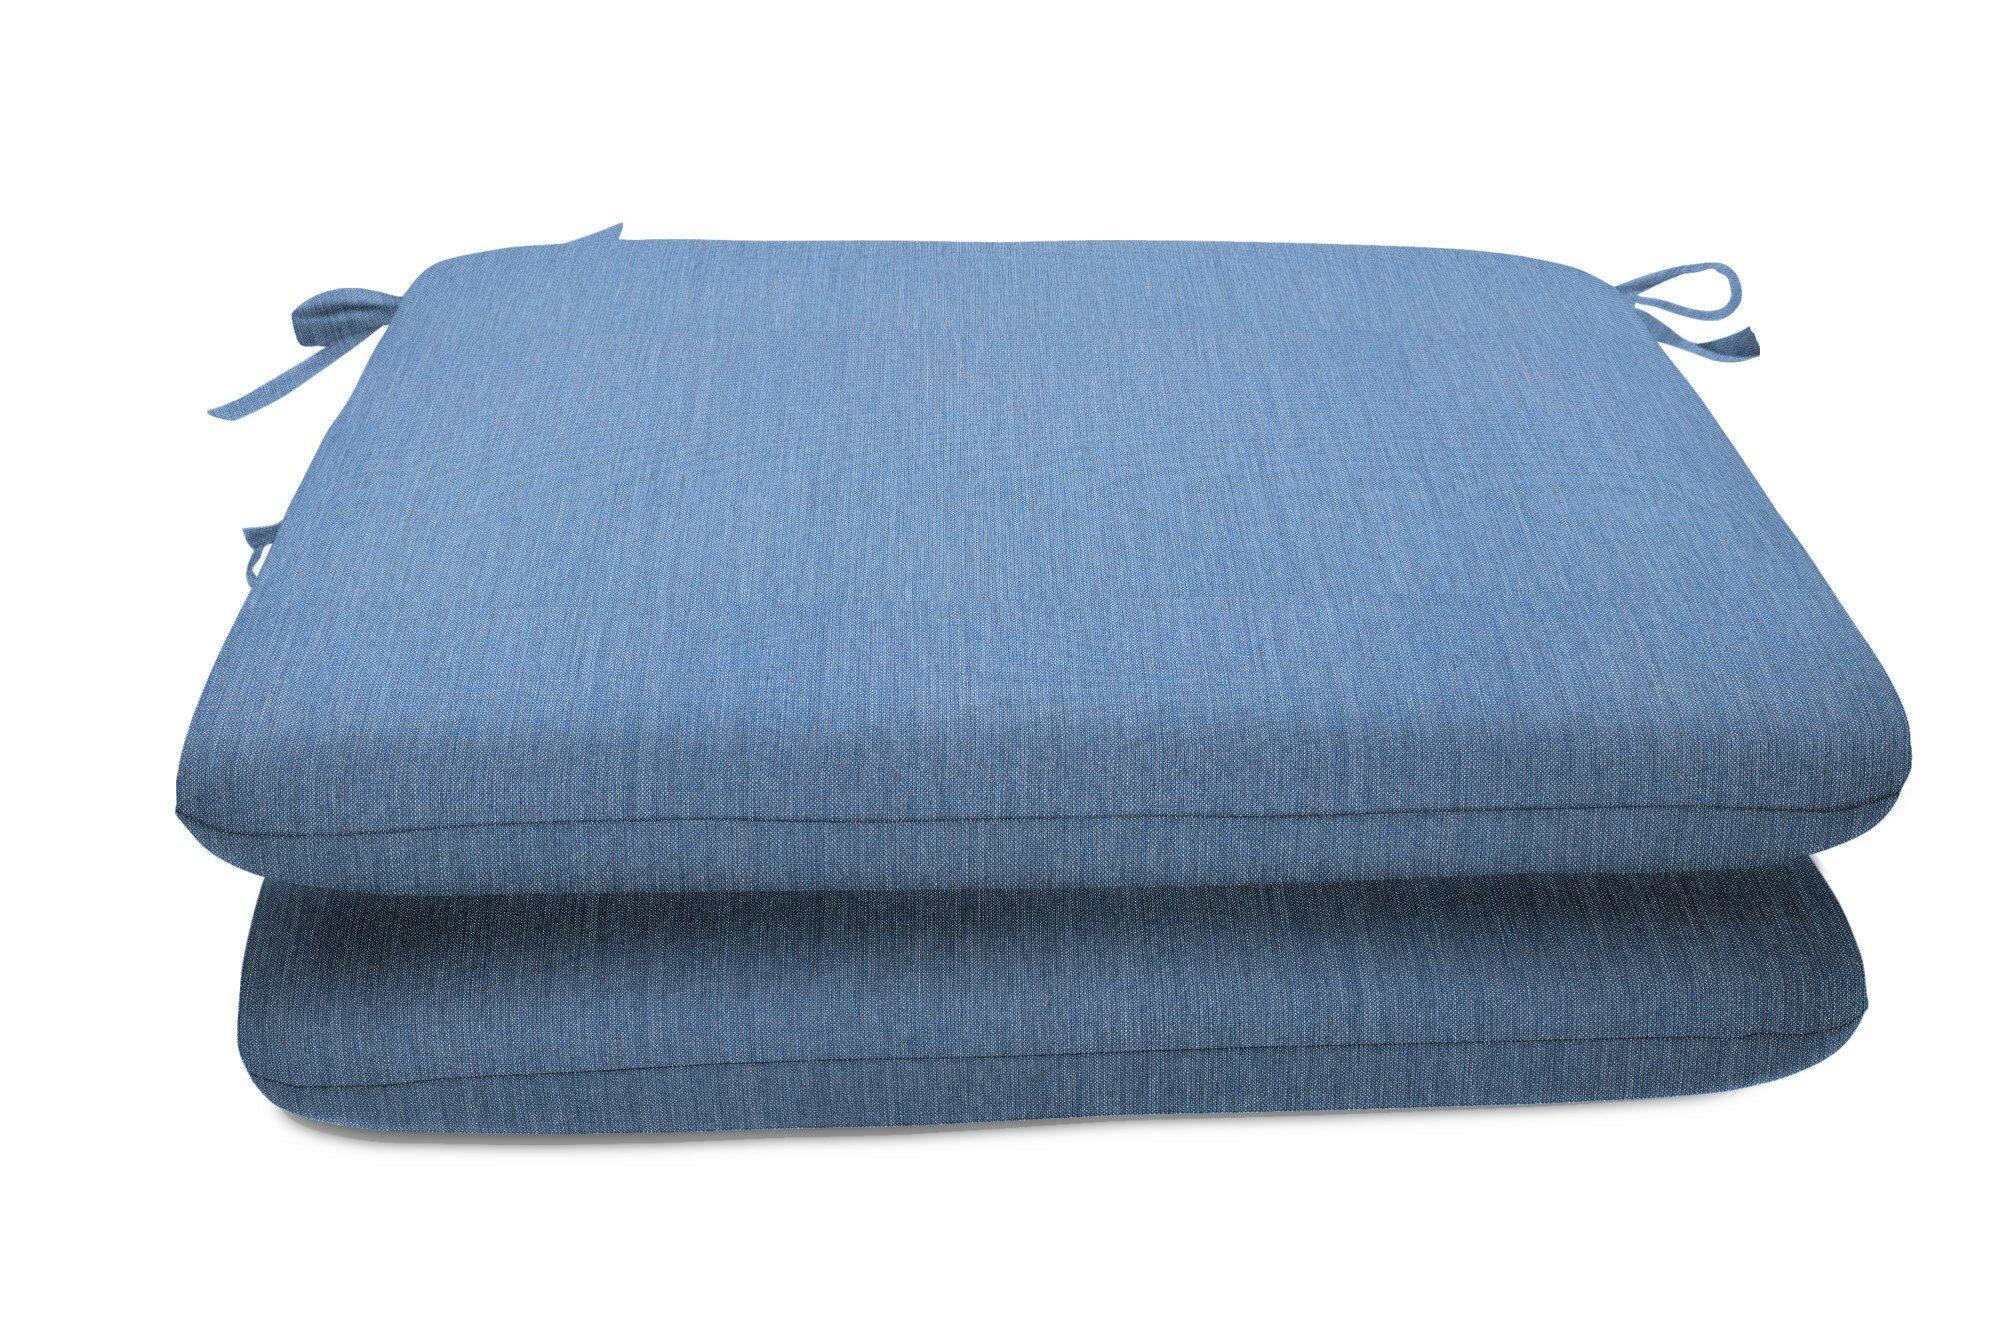 Patio Furniture Cushions Outdoor Chair Cushions You Ll Love In 2021 Wayfair